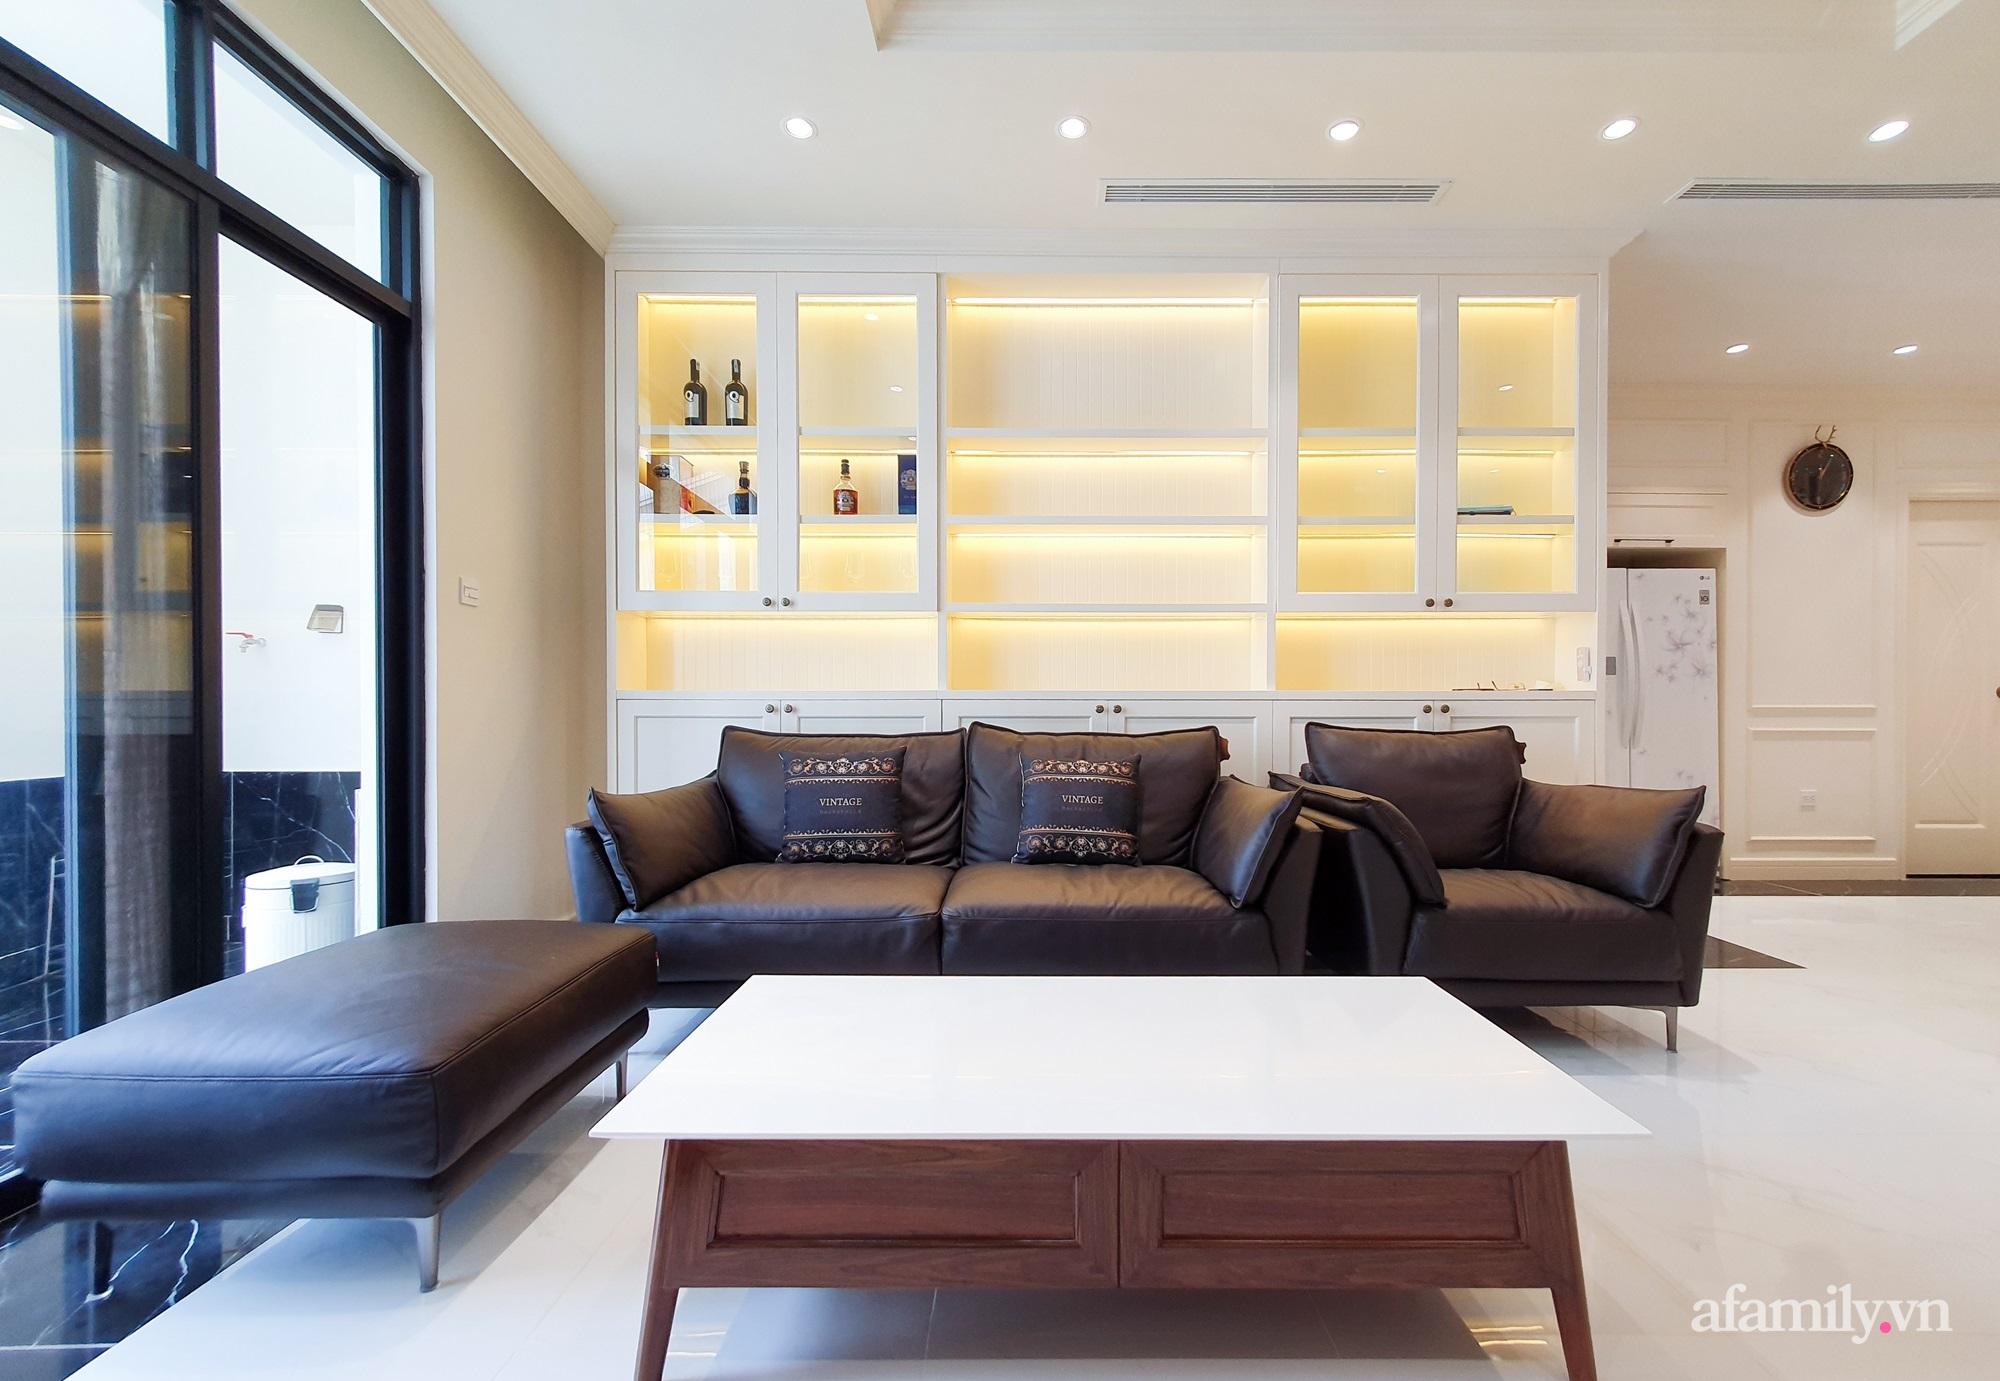 Căn hộ 121m² đẹp sang chảnh với phong cách bán cổ điển ở Hà Nội - Ảnh 4.